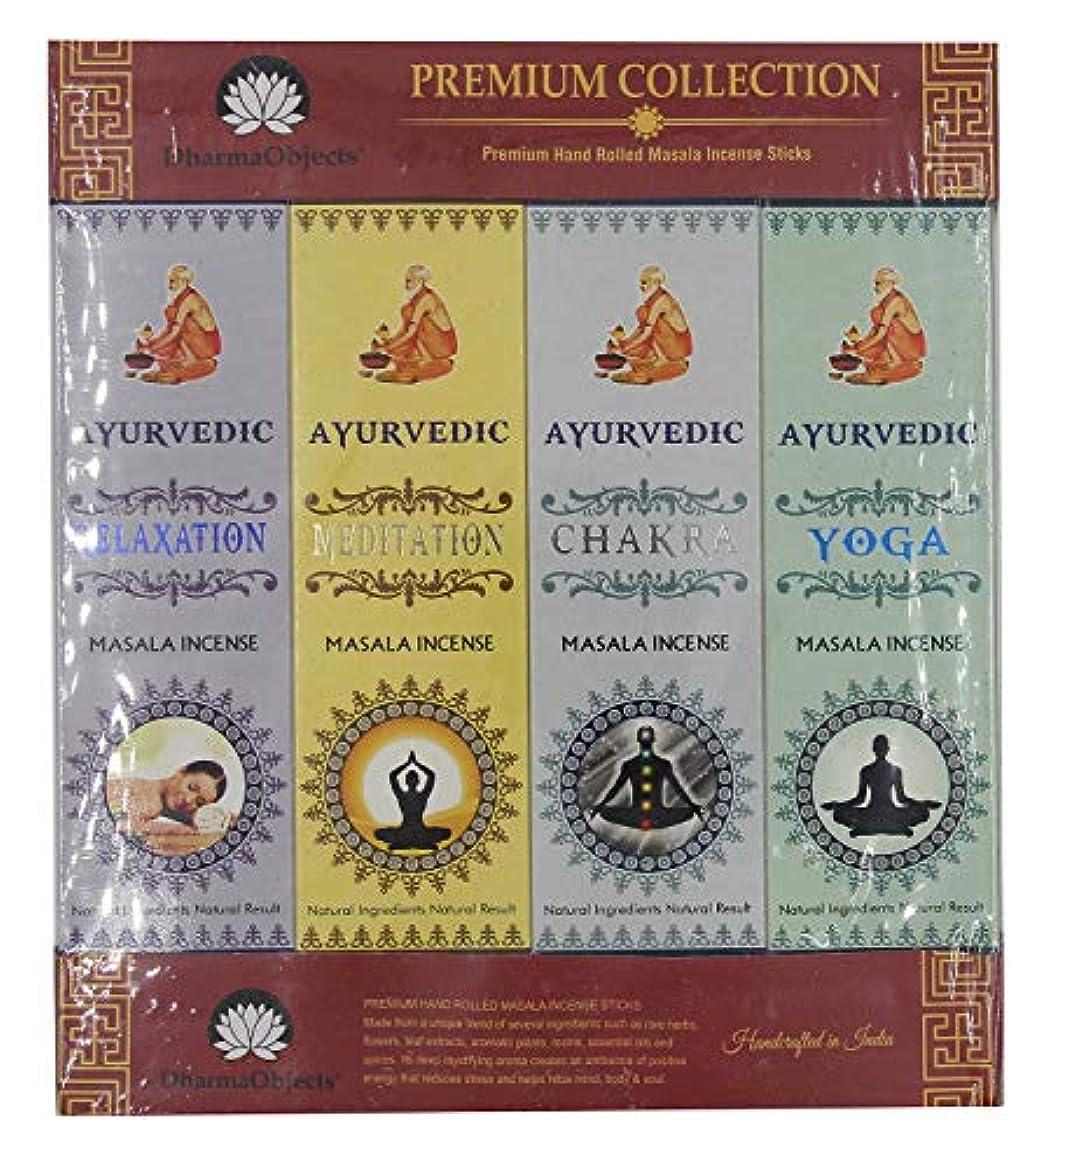 福祉欠伸恥ずかしい(Multi) - Gift Set of 12 Ayurvedic Nag Champa Kasturi Chandan Patchouli Agarwood Meditation Rose Stress Relief...